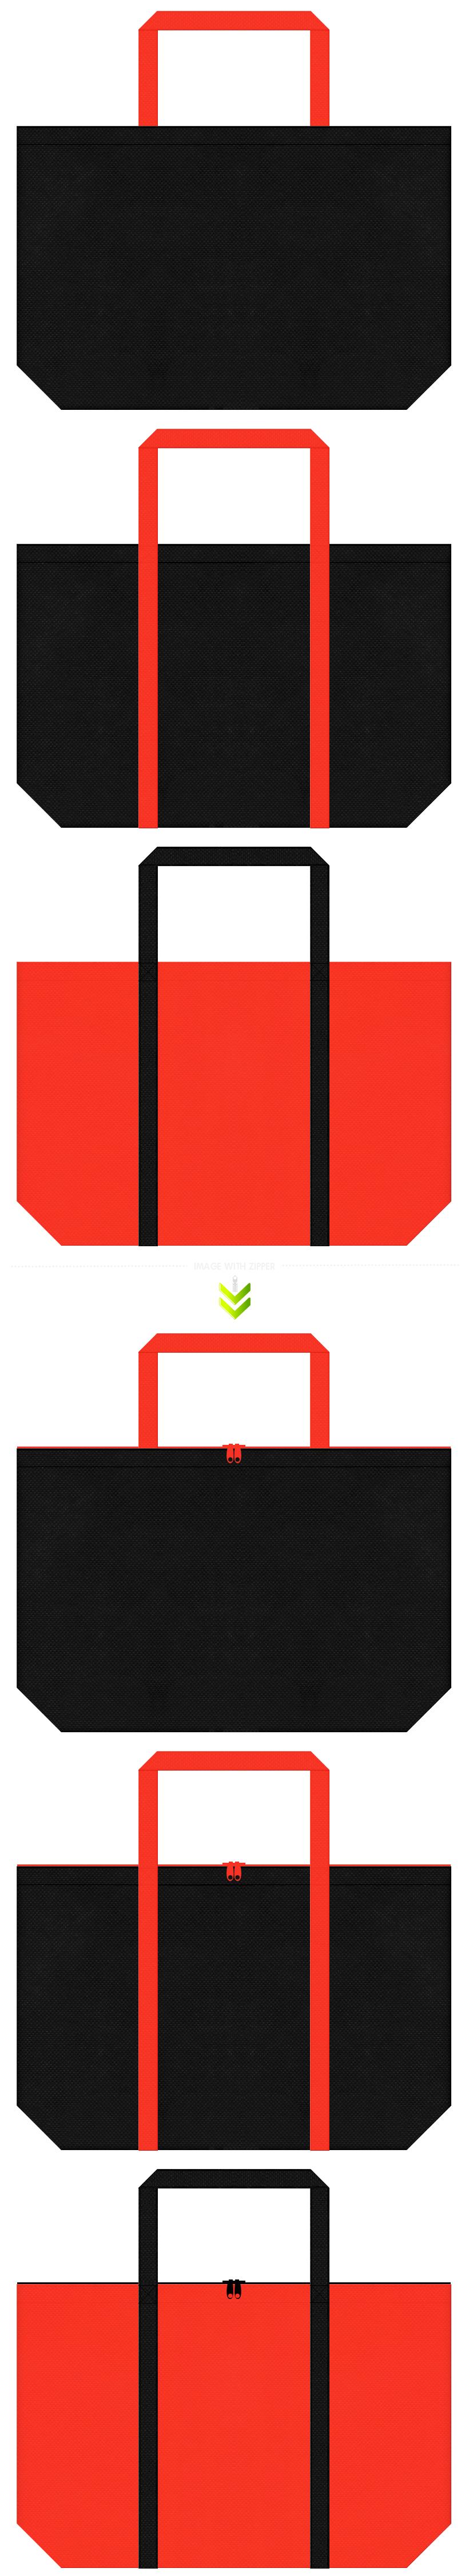 黒色とオレンジ色の不織布エコバッグのデザイン。スポーティーファッションのショッピングバッグにお奨めです。